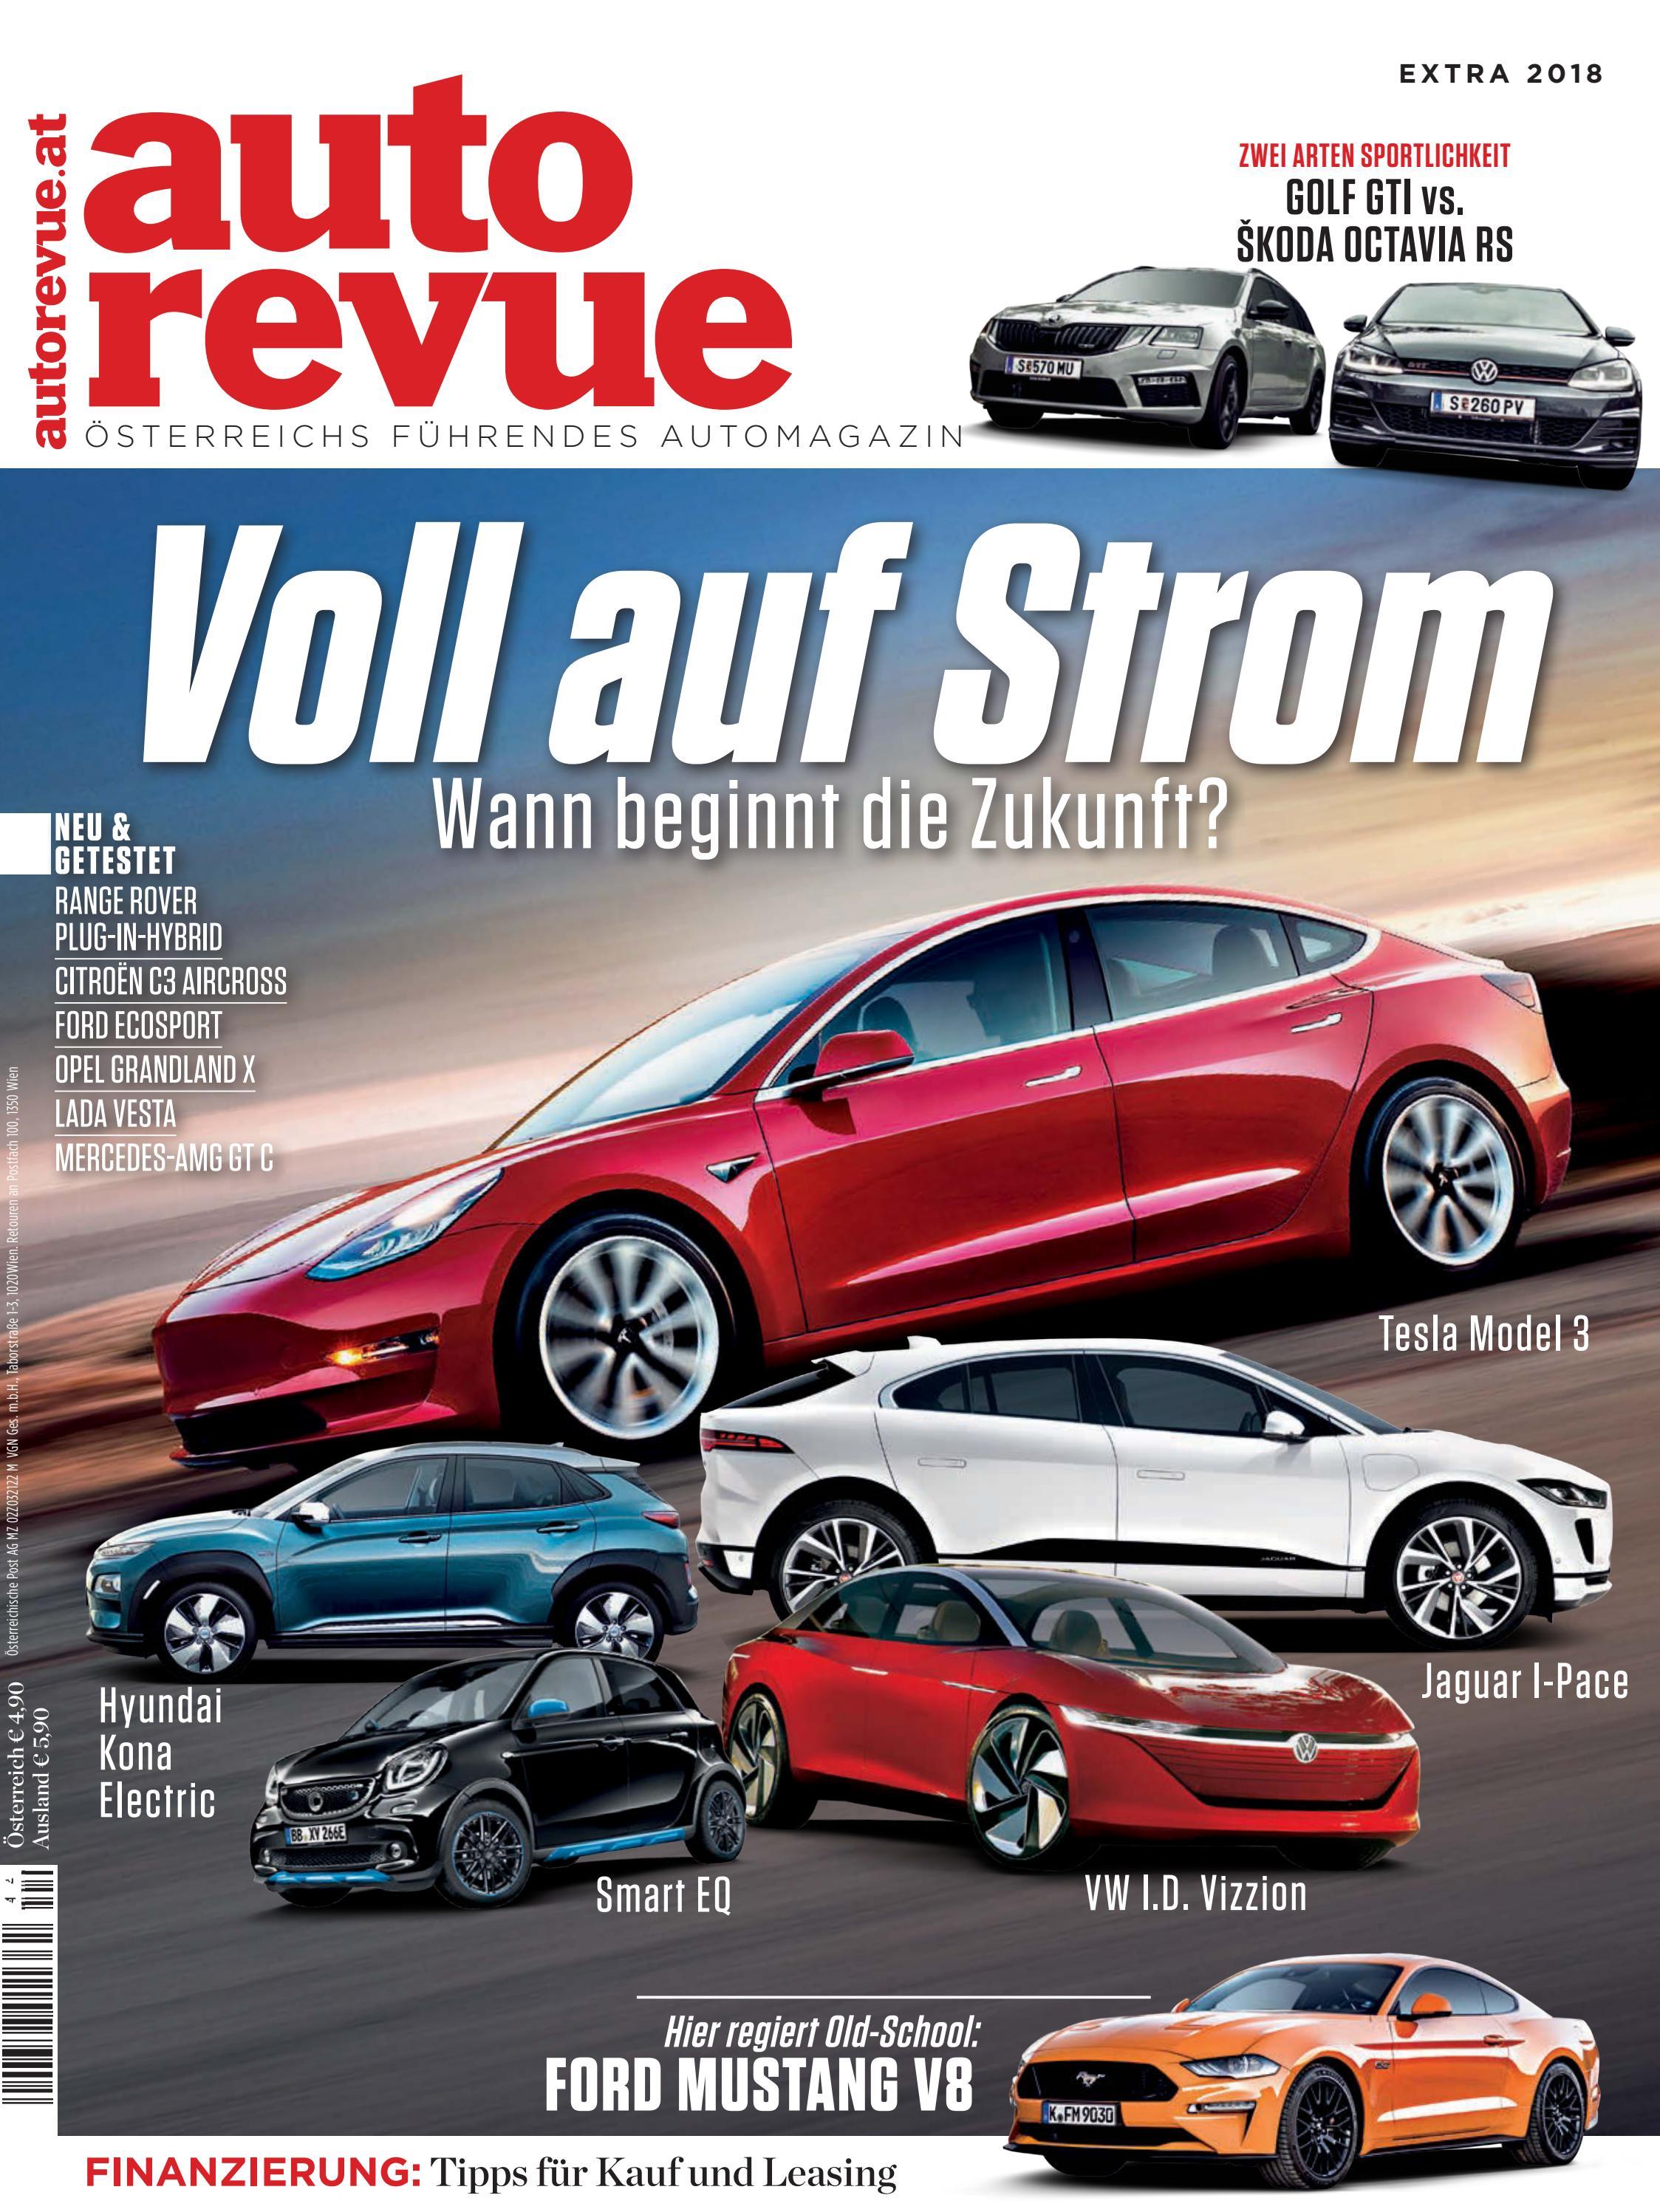 schwarz 2019 Coole Auto Lenkradabdeckung Komfort Haltbarkeit Sicherheit f/ür M/änner